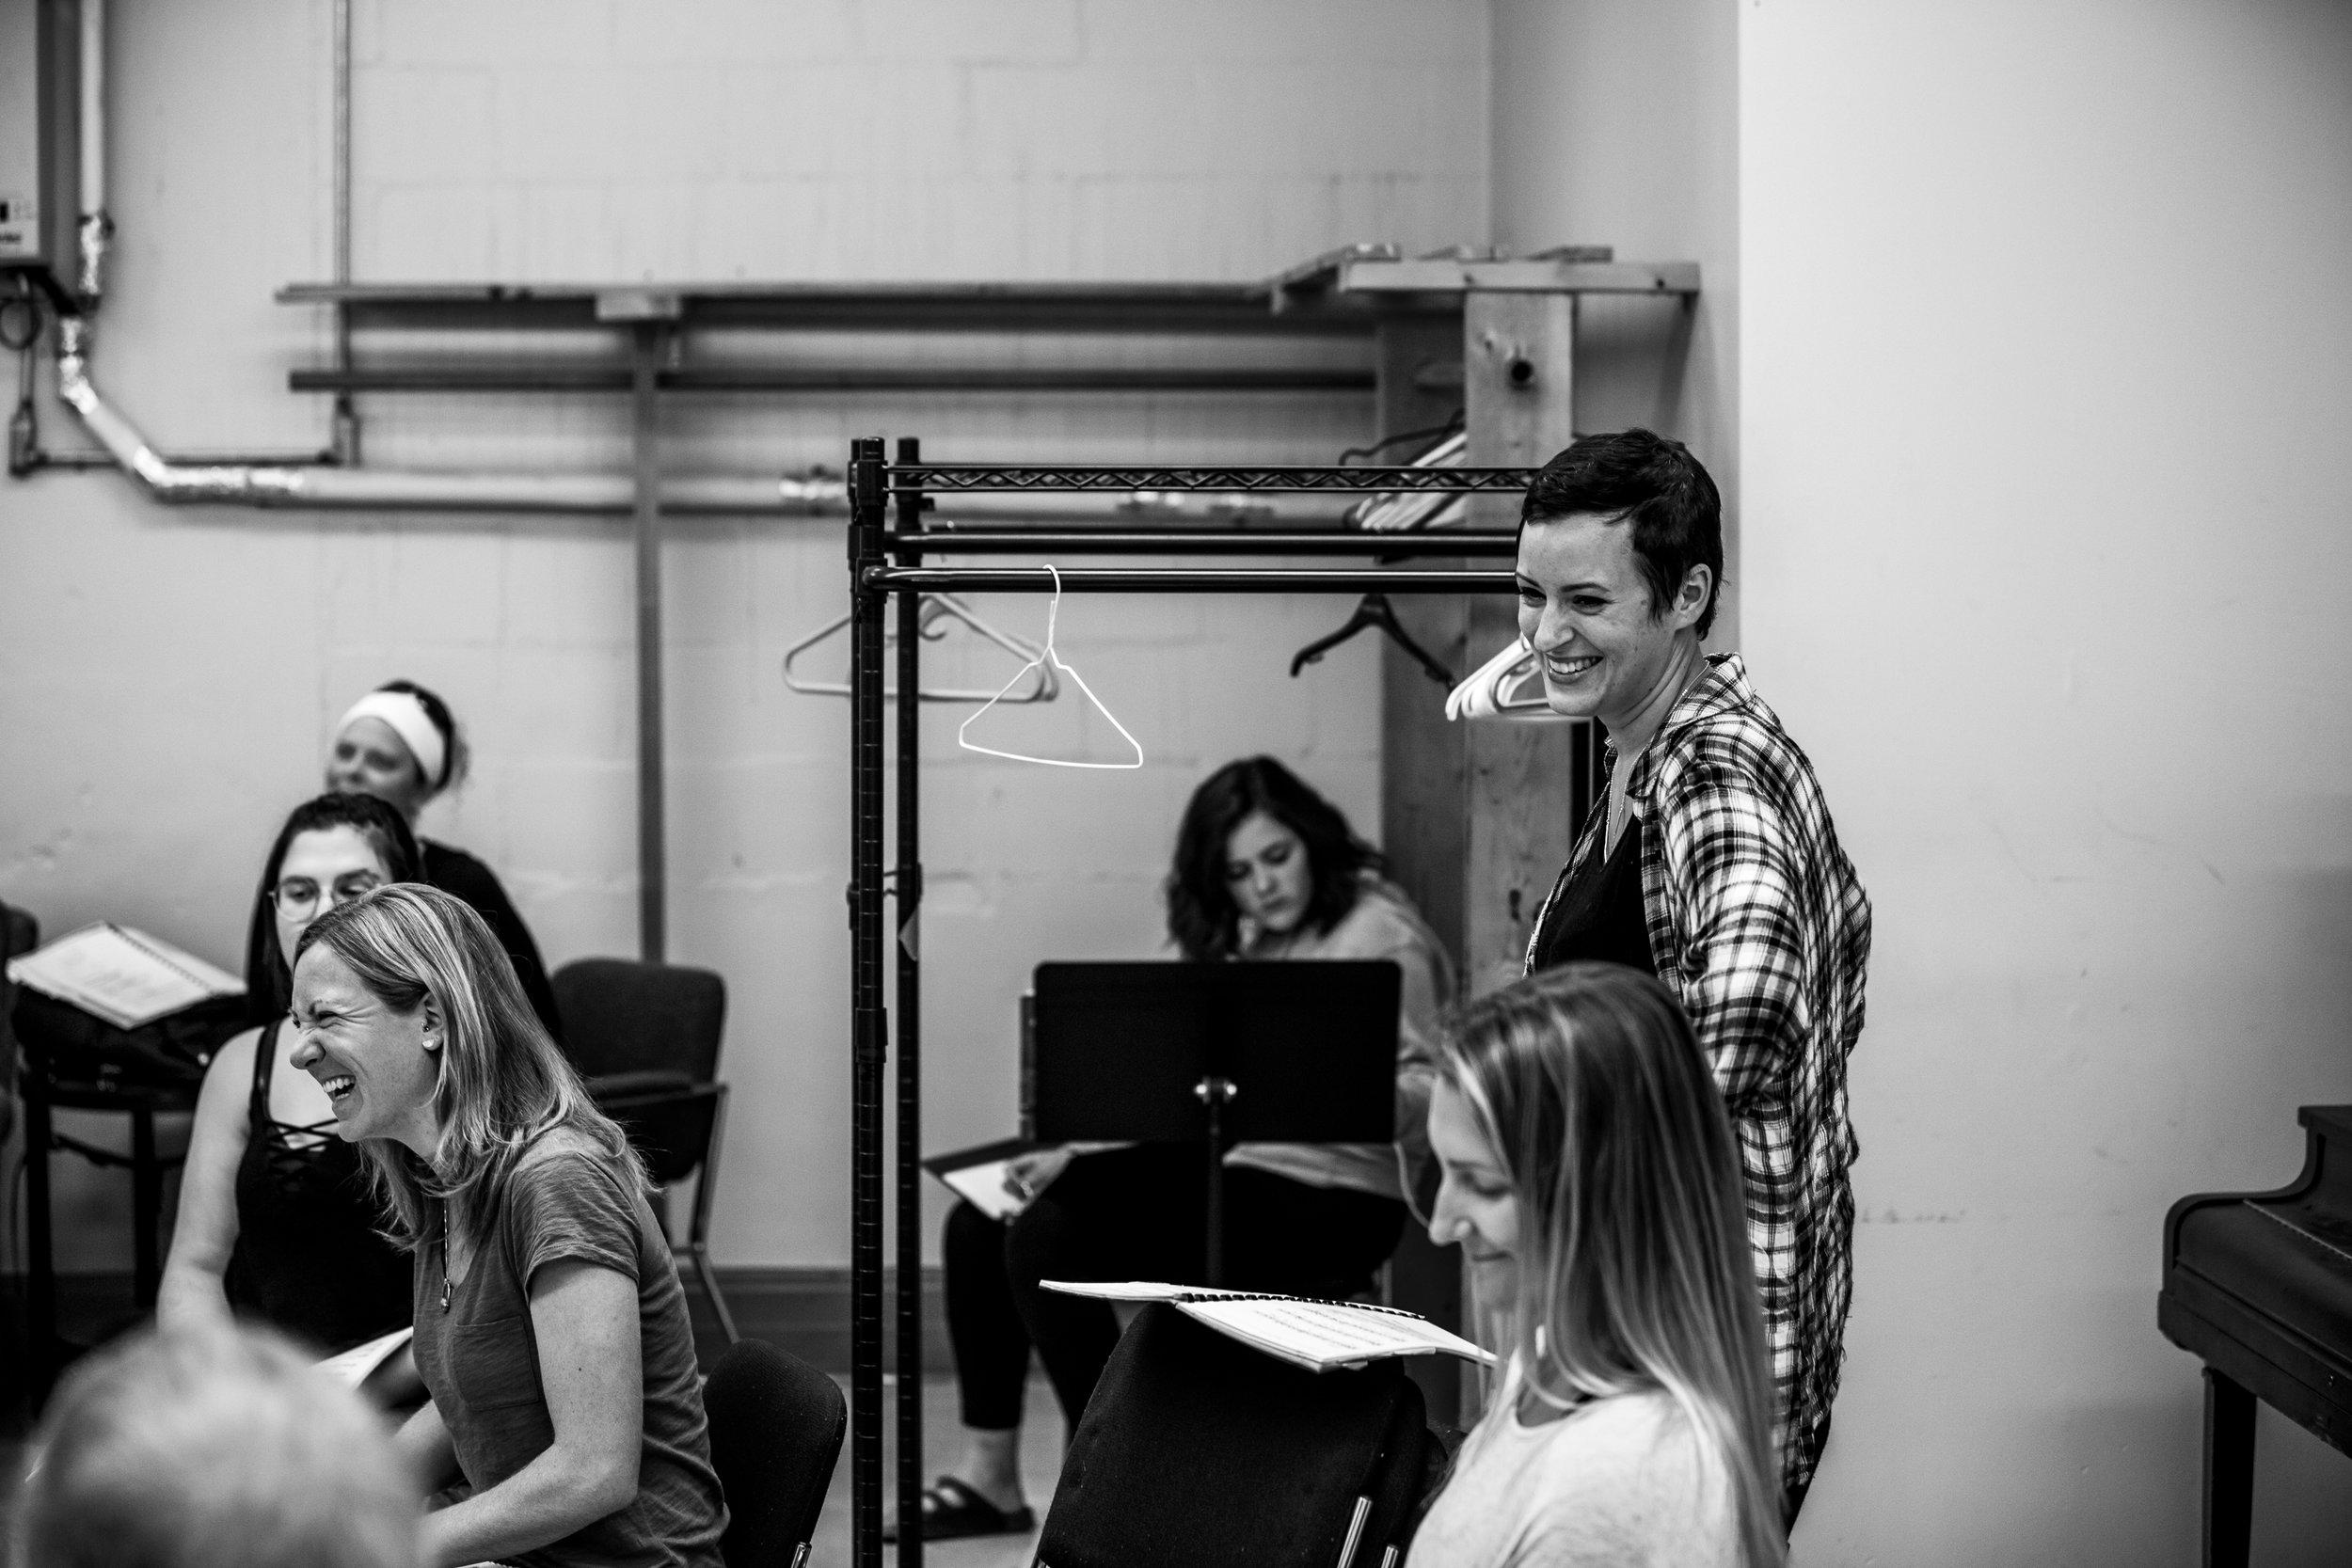 Mary Poppins - Streetlight Theatre Company - Rehearsal Shoot #1 - 20 Sep '18 - 040.JPG